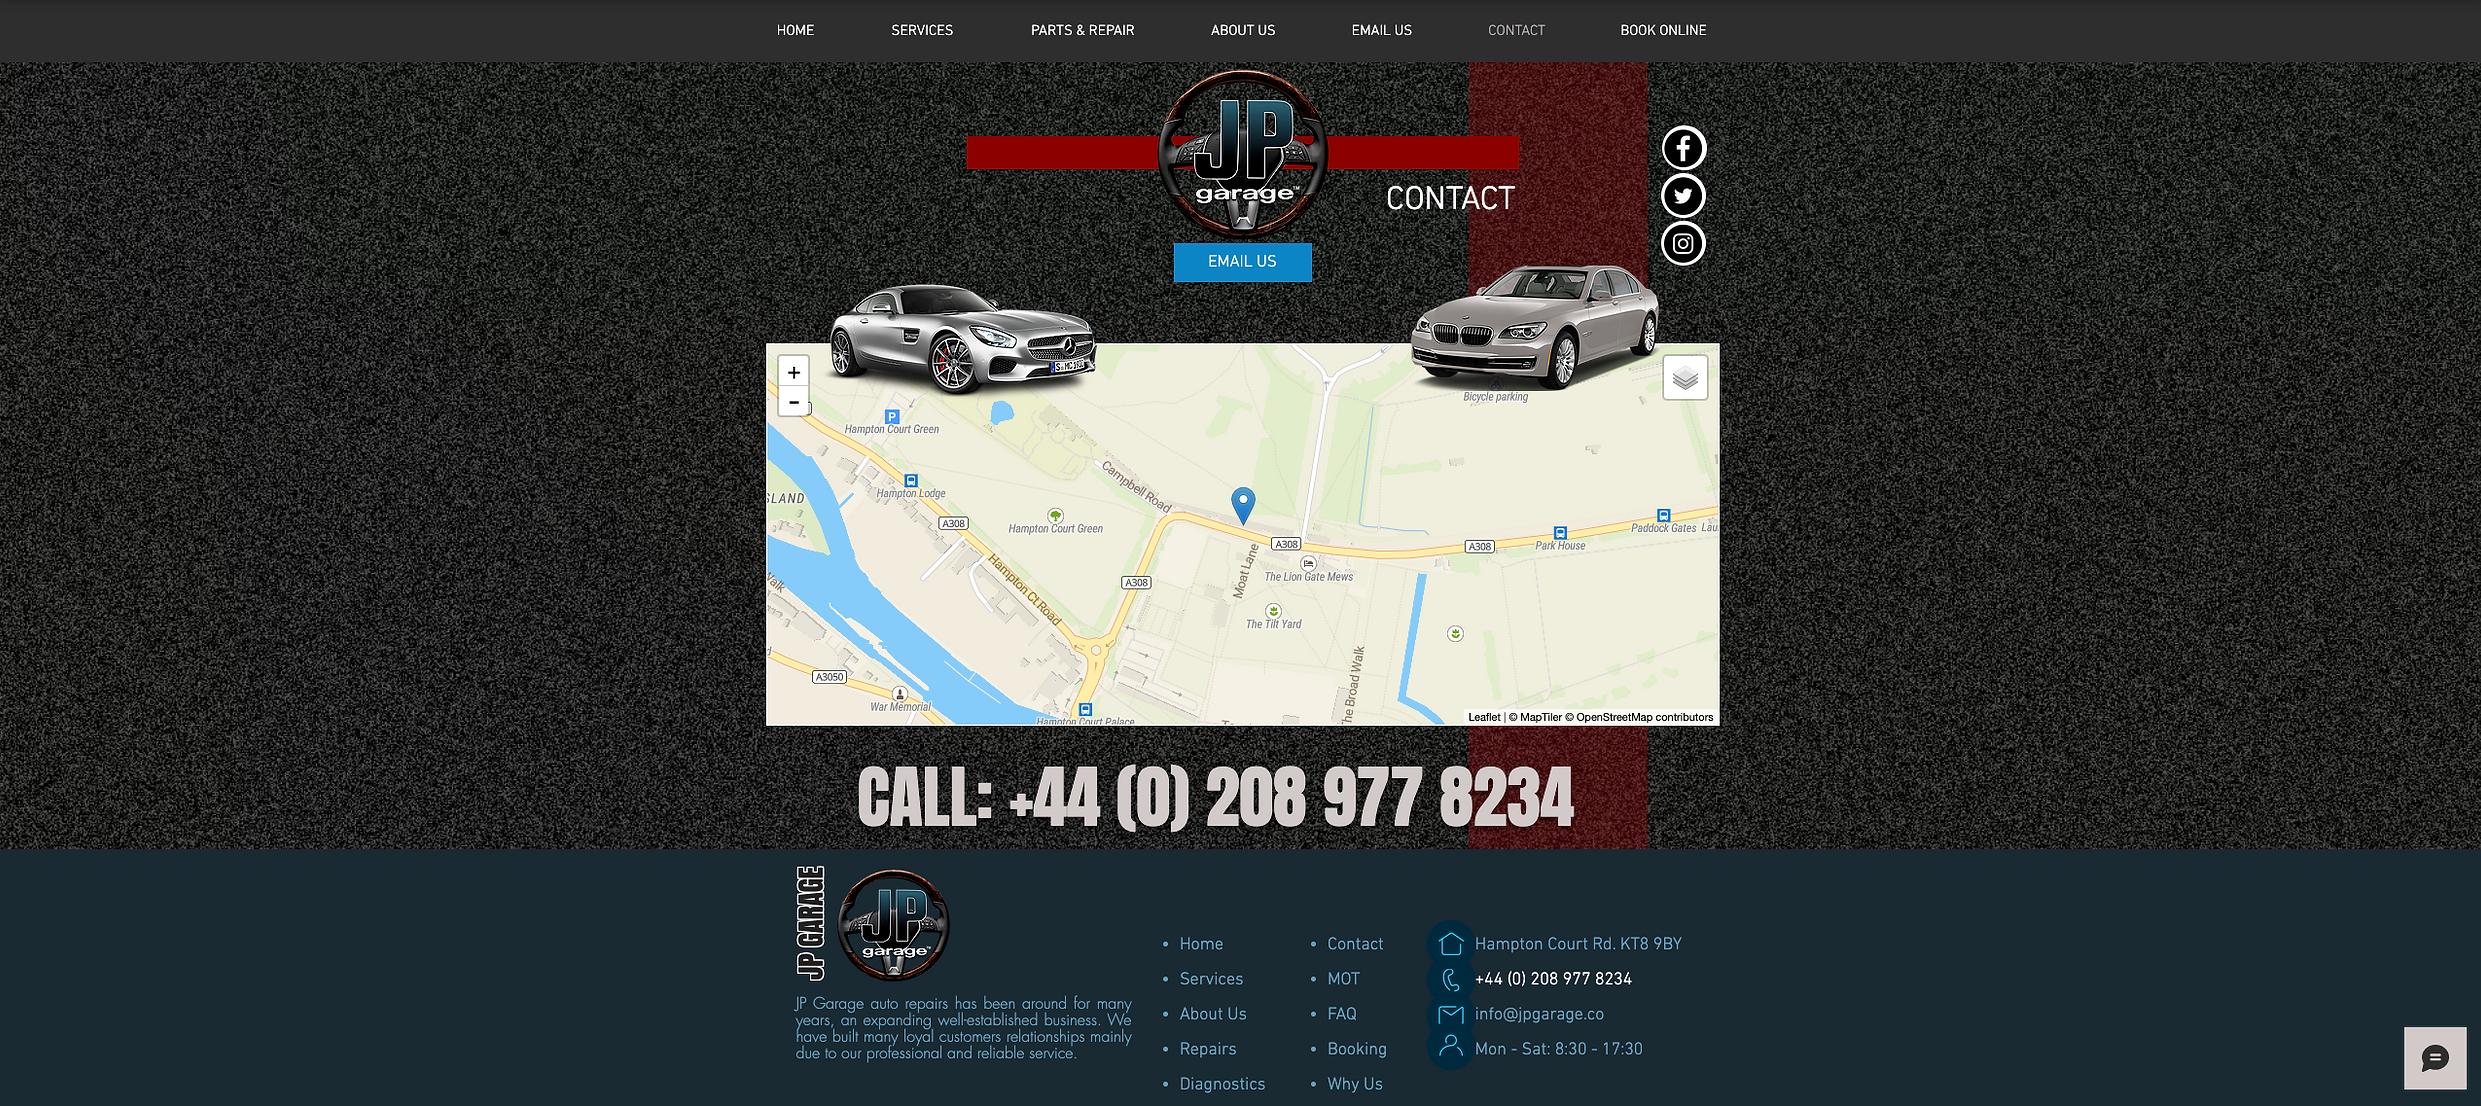 Screenshot 2021-04-23 at 02.15.39.png